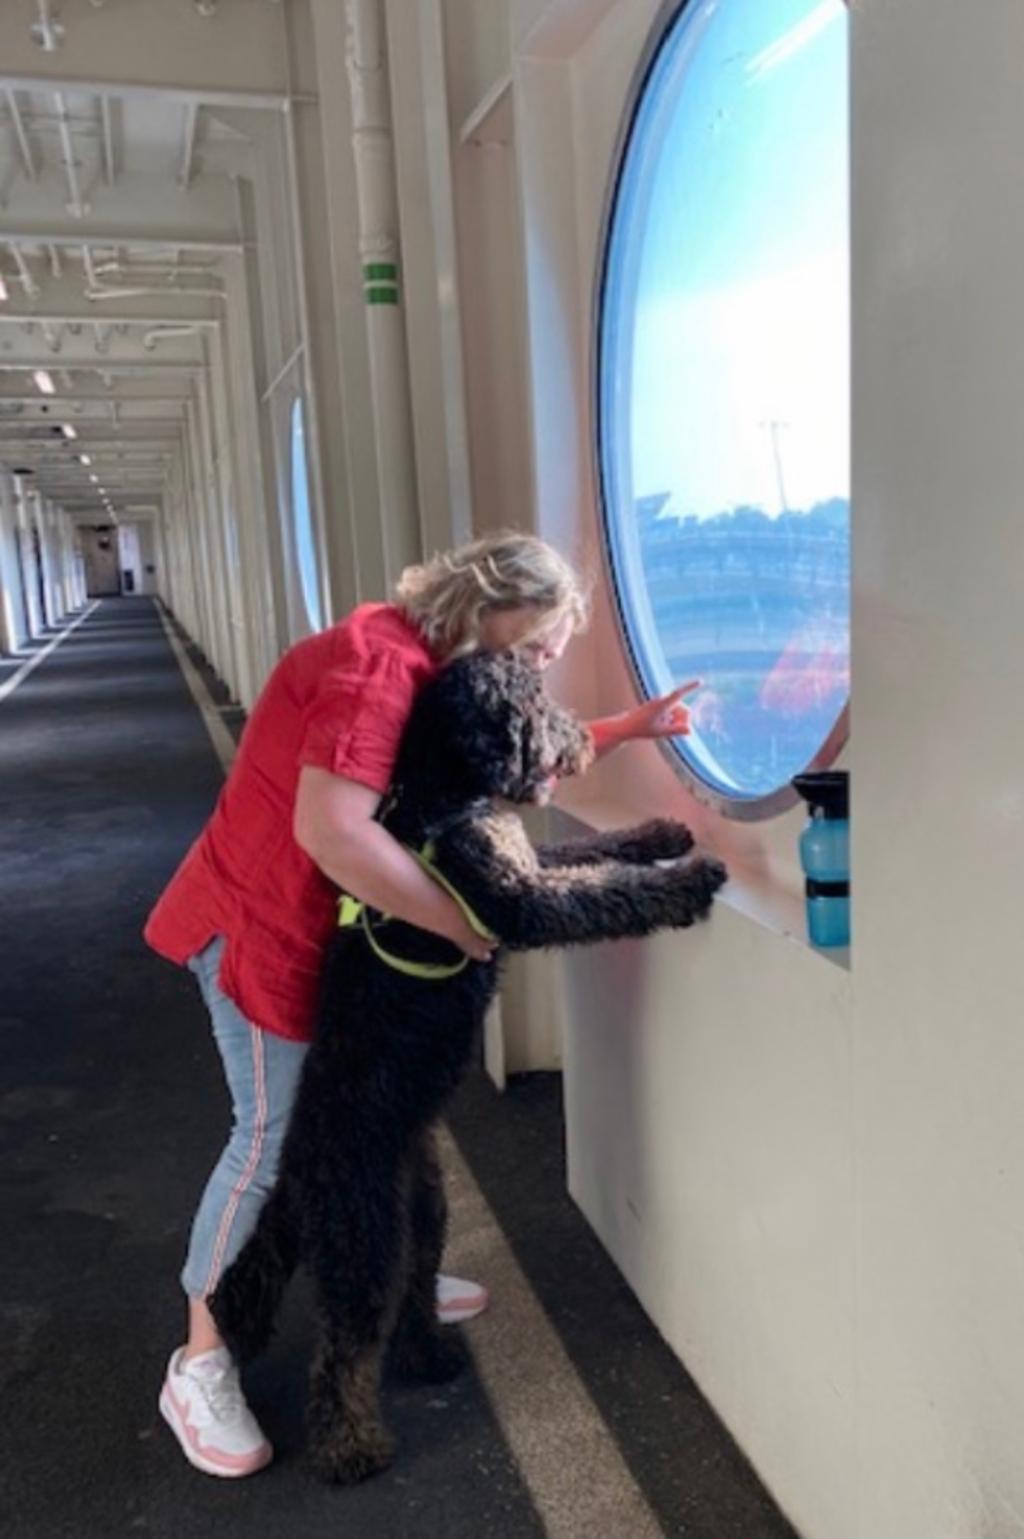 Met onze slimme en mooie blindegeleidehond in opleiding op weg naar Texel, zeehonden heeft ze al gezien. Meta Oukes © BDU media